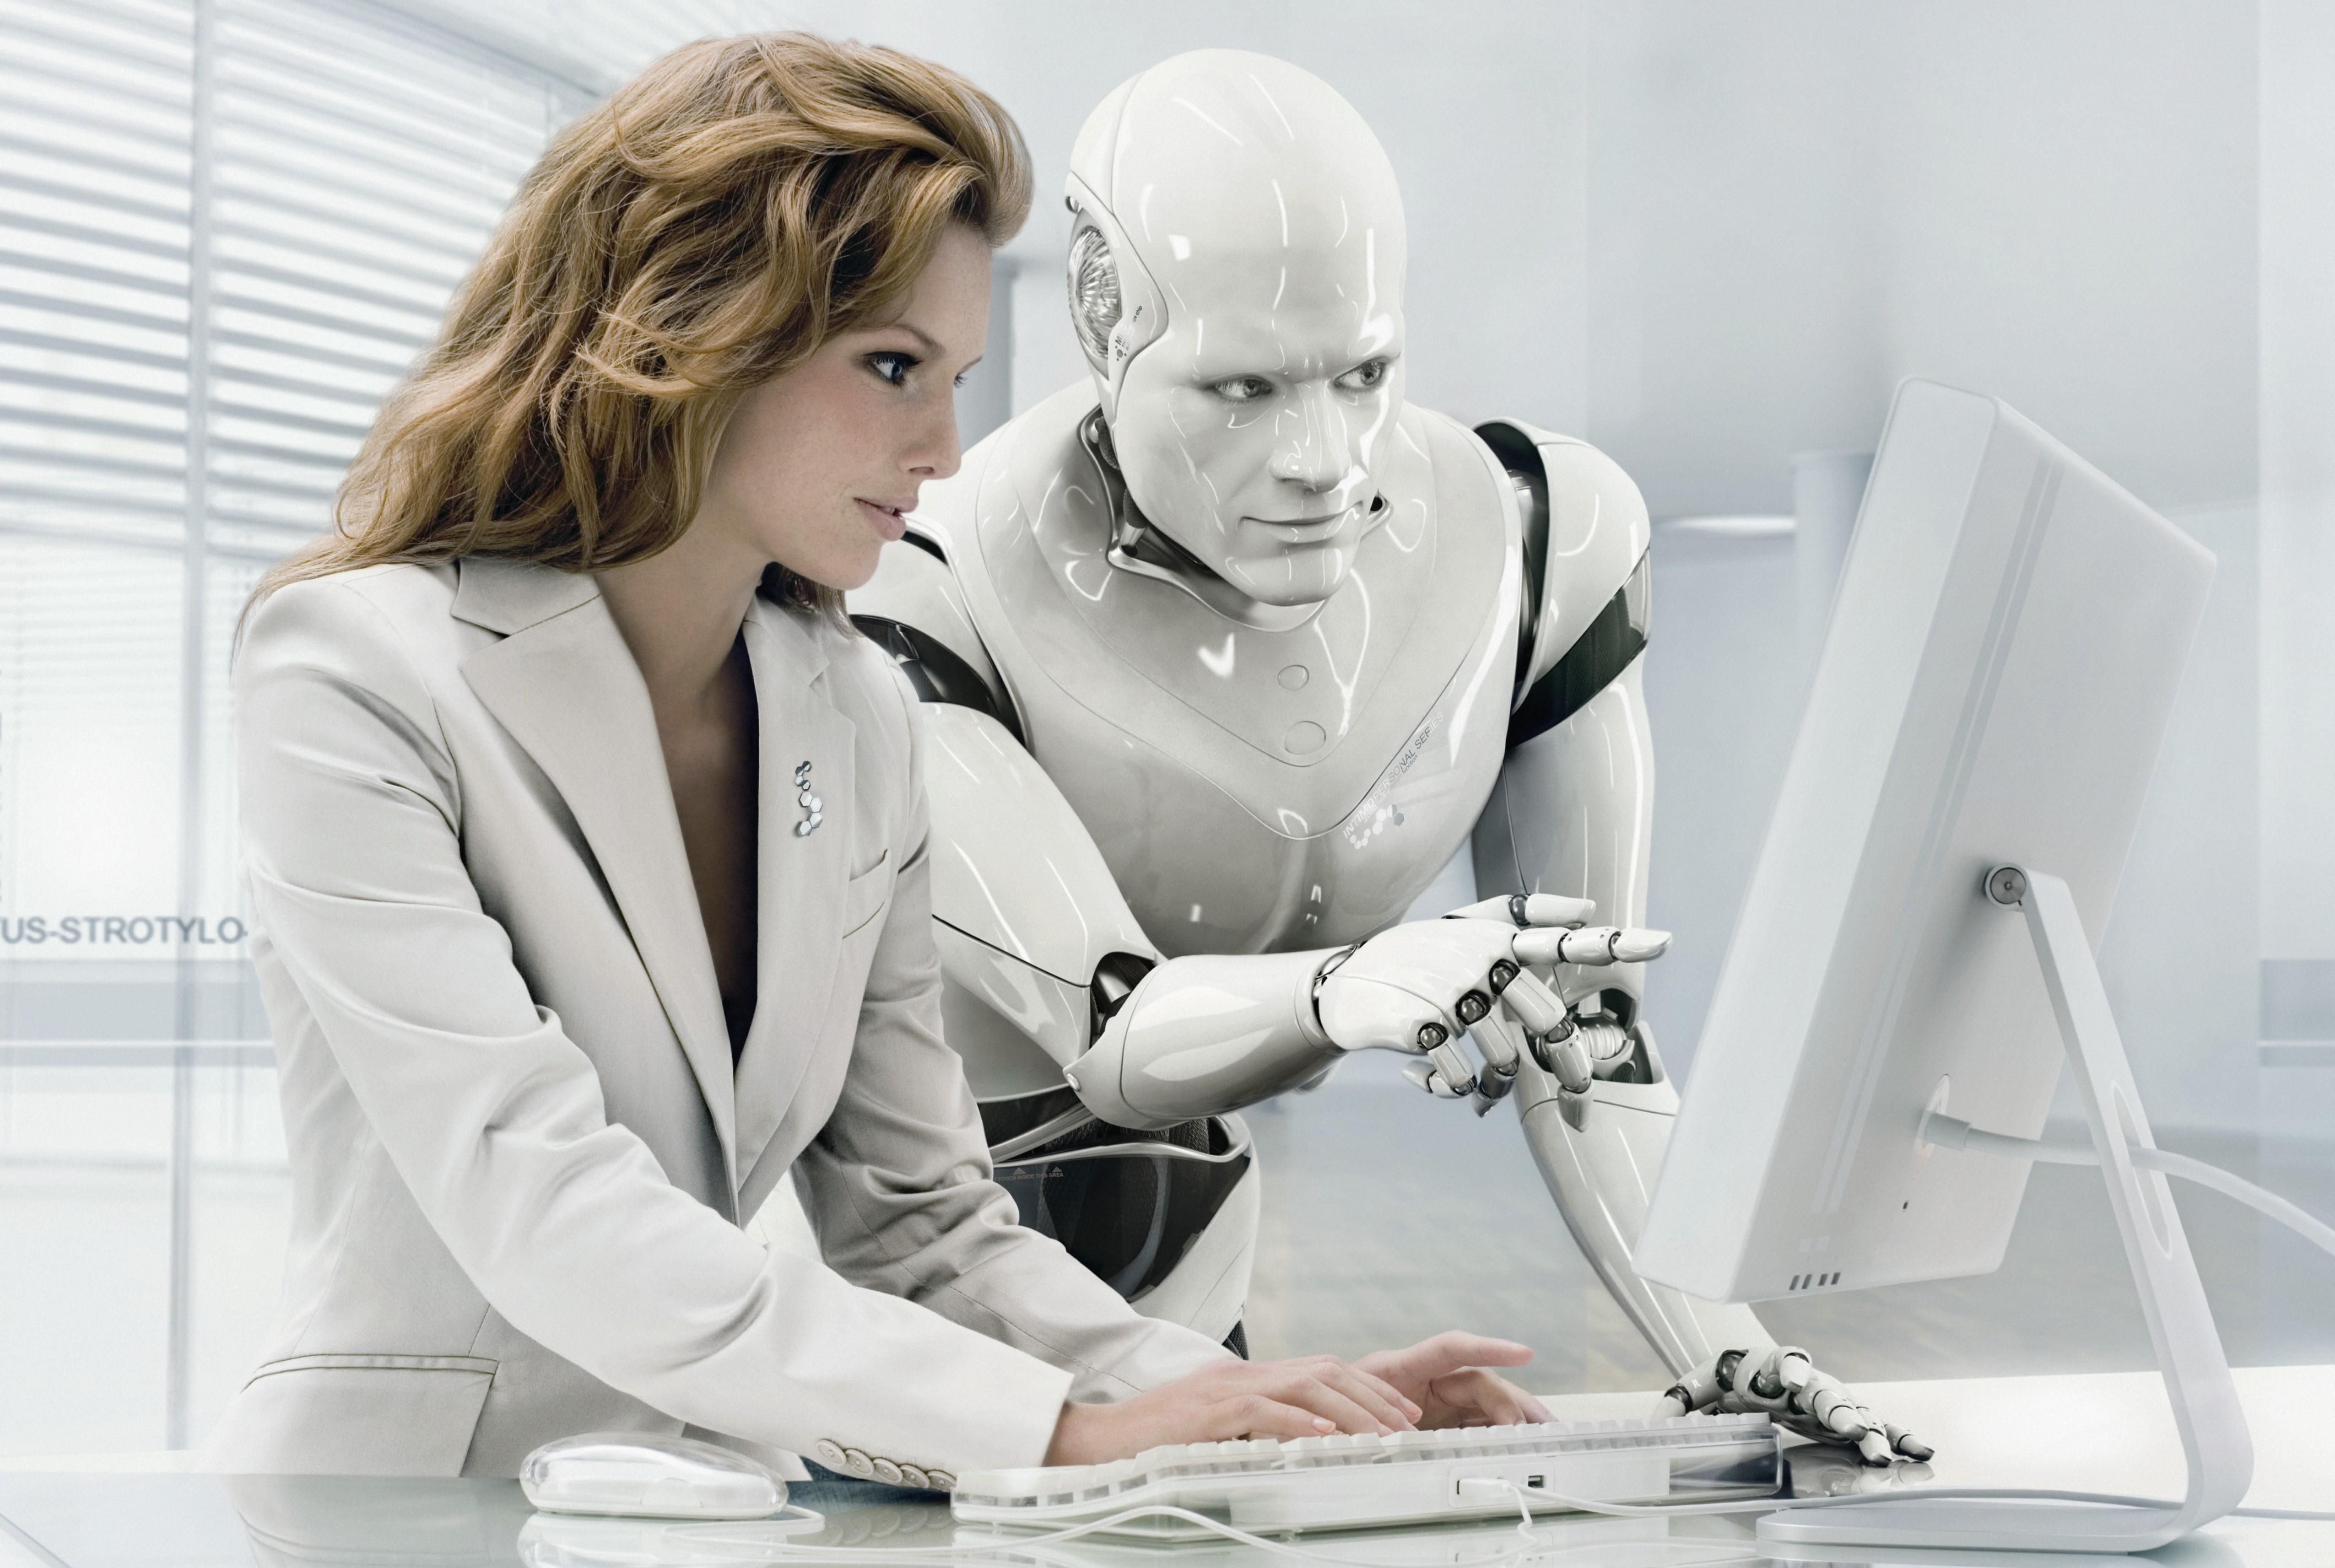 I lavori a maggior rischio di essere soppiantati dalle macchine